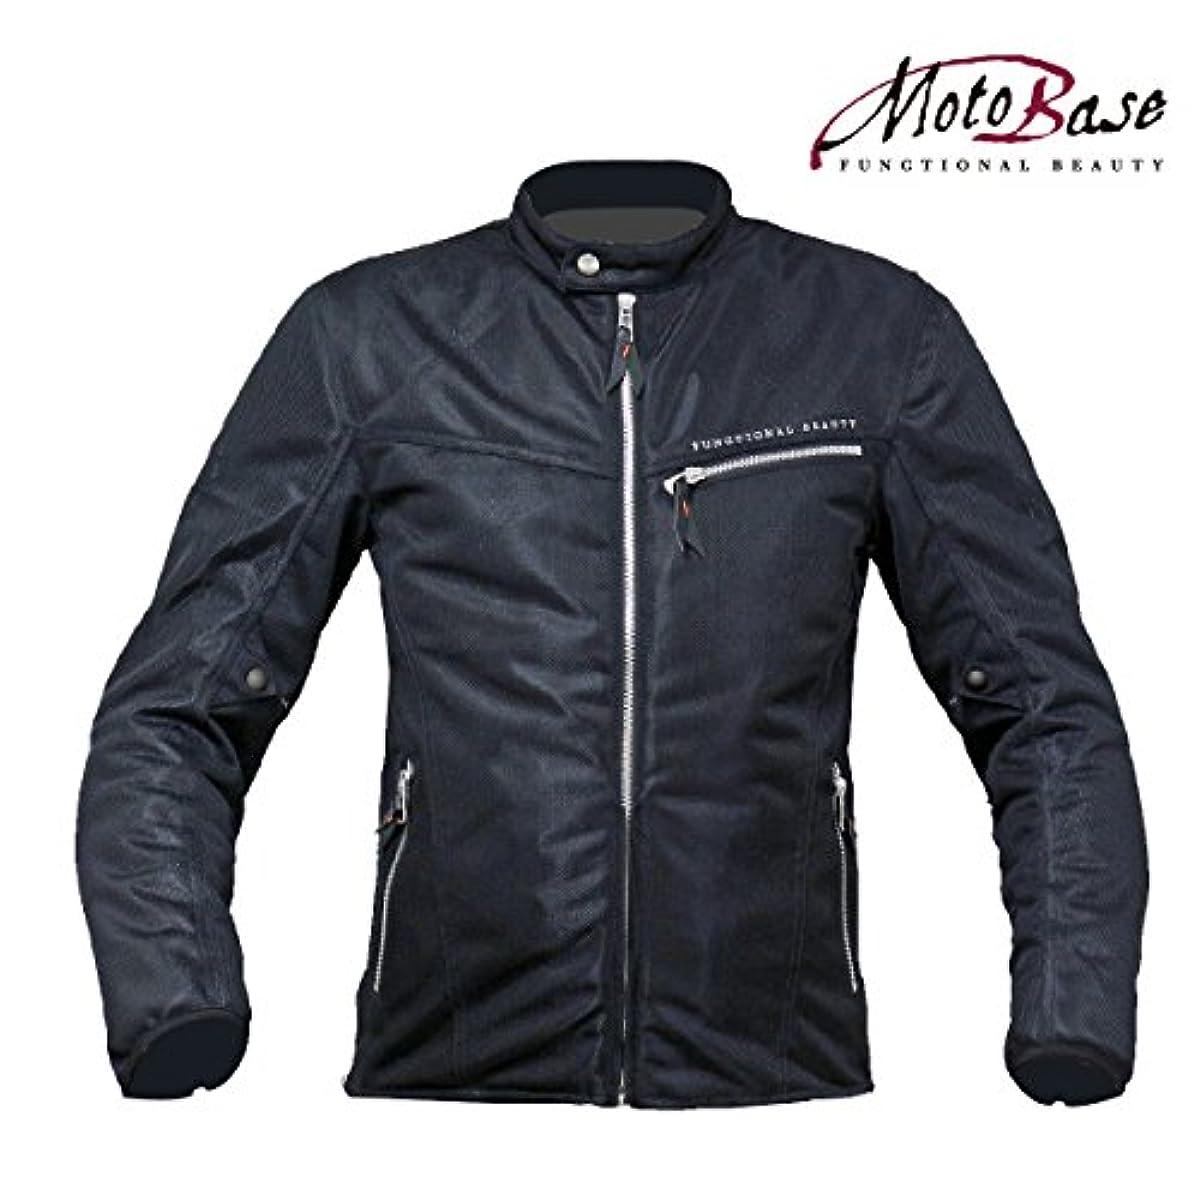 [해외] 모토베스(MOTO BASE)춘여름 모델 메쉬 재킷 쿨 메쉬 싱글 라이더스 재킷 MBMJ-02 【블랙/LL】